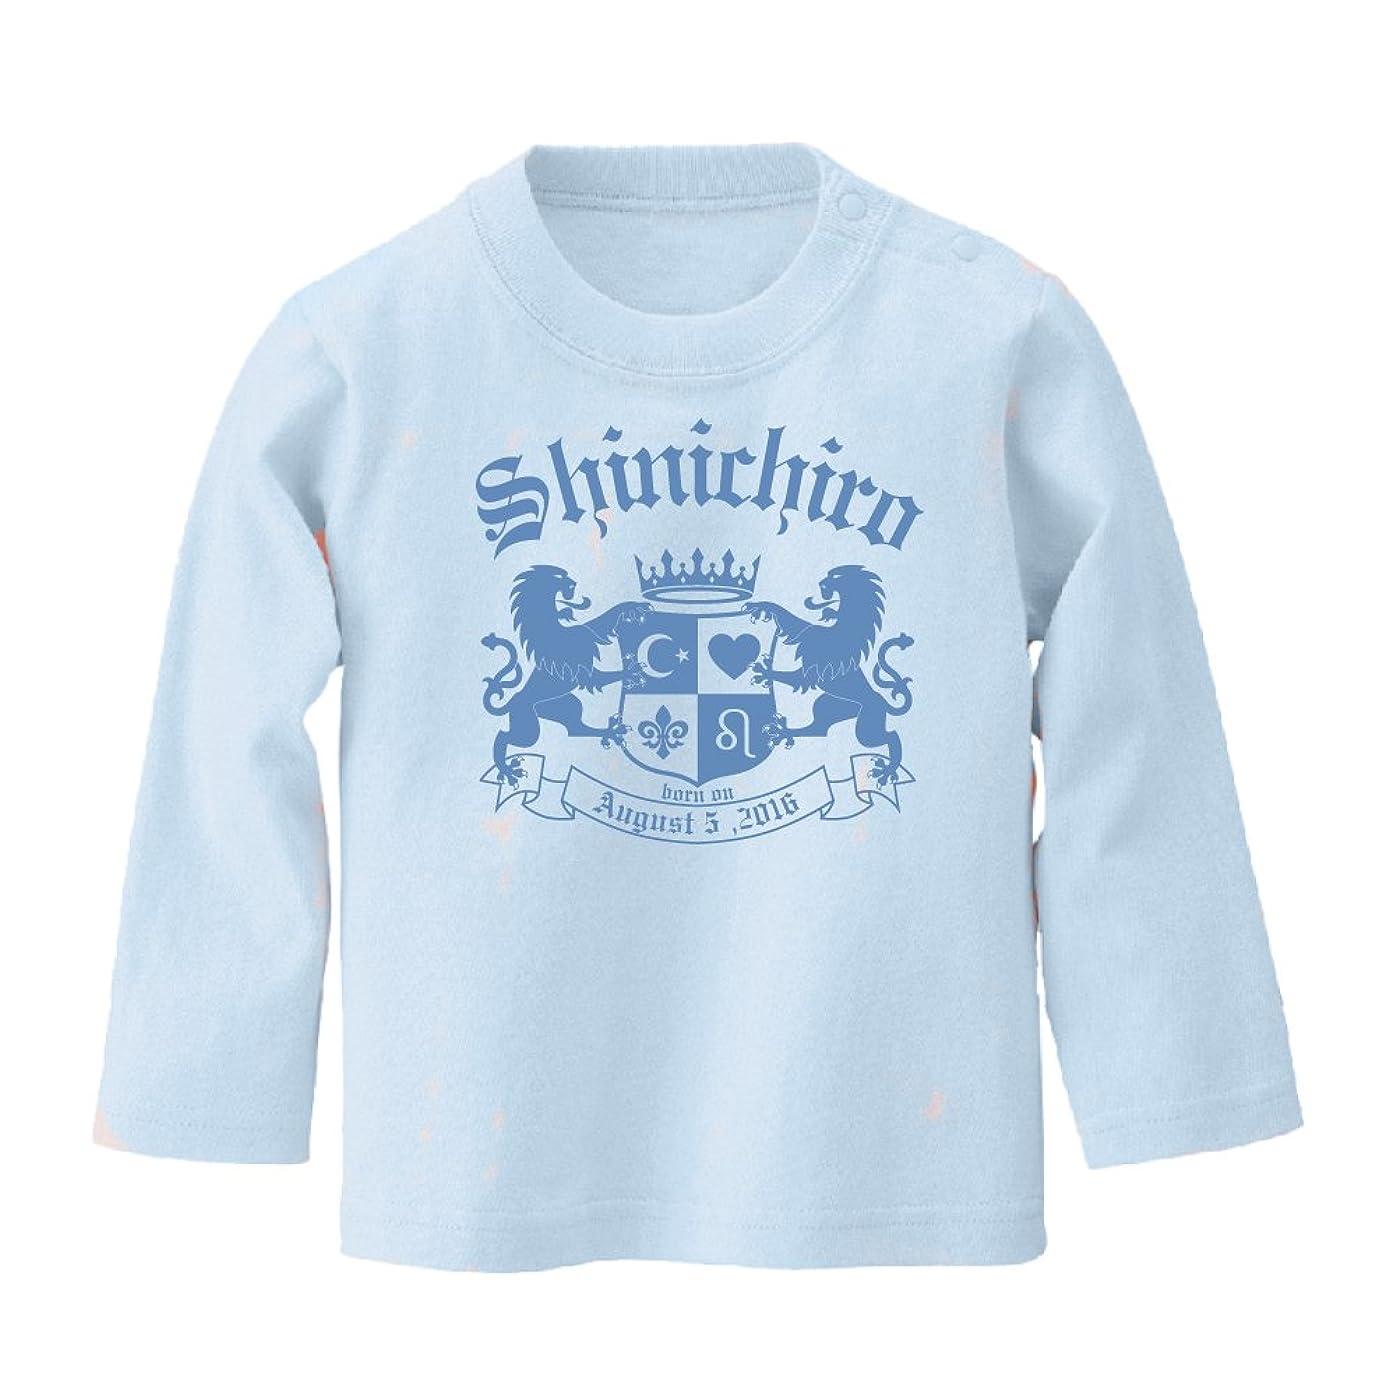 汚いびっくり花瓶名前入り 長袖 Tシャツ/ベビーサイズ [BT432] 90cm ライトブルー×ブルーロゴ 出産祝い 誕生日 プレゼント おしゃれな 名入れ ベビー服